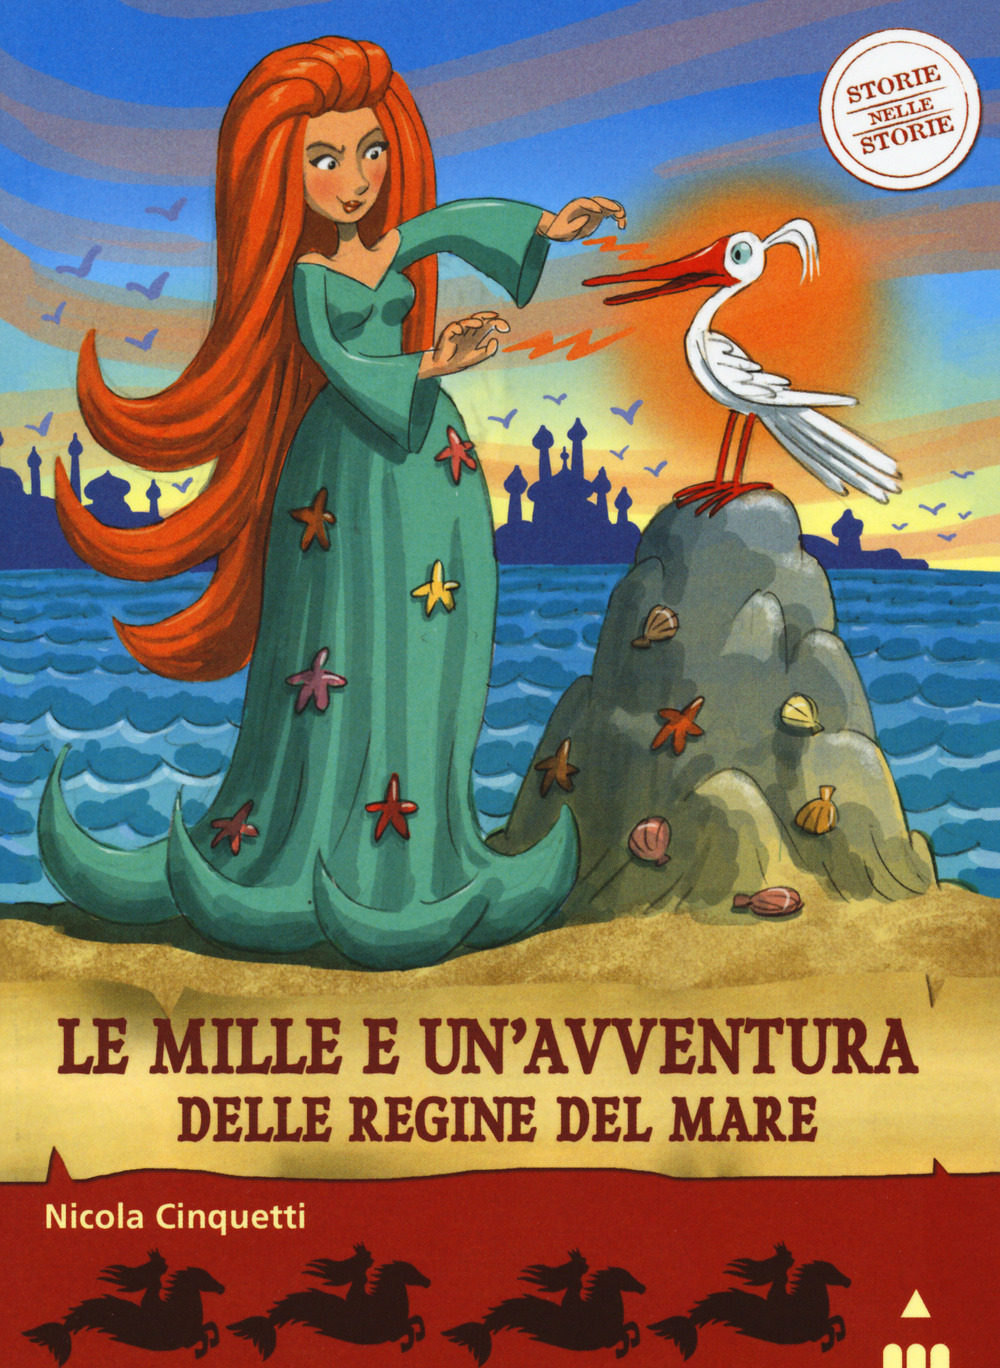 Image of Le mille e una avventura delle regine del mare. Storie nelle storie